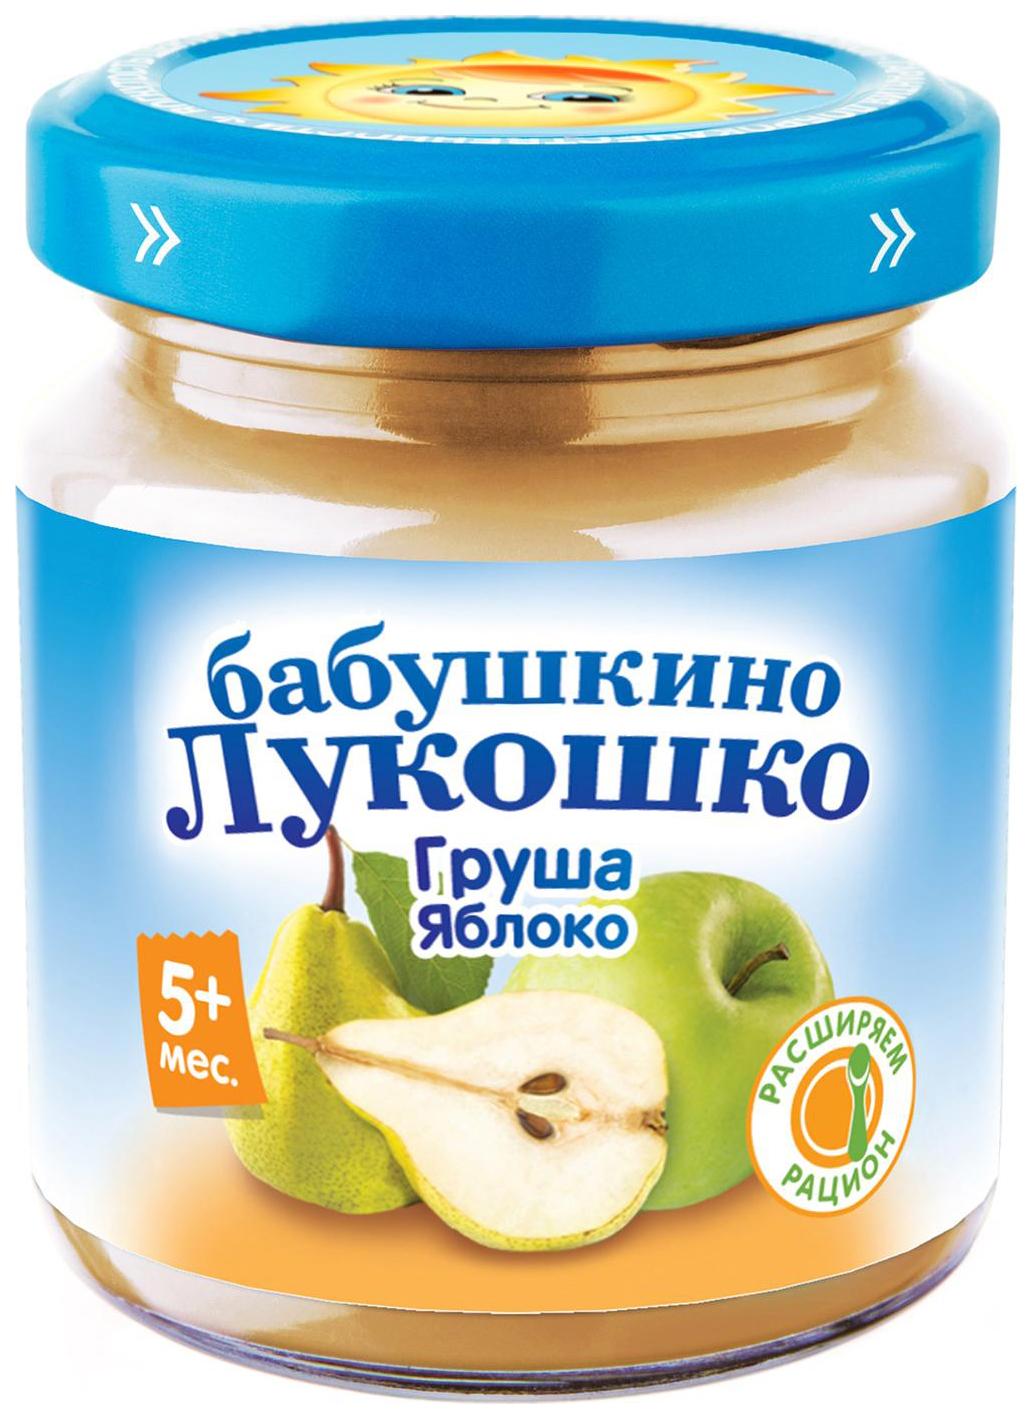 Купить Груша-яблоко 100 г, Пюре фруктовое Бабушкино Лукошко Груша-яблоко с 5 мес 100 г, Детское пюре